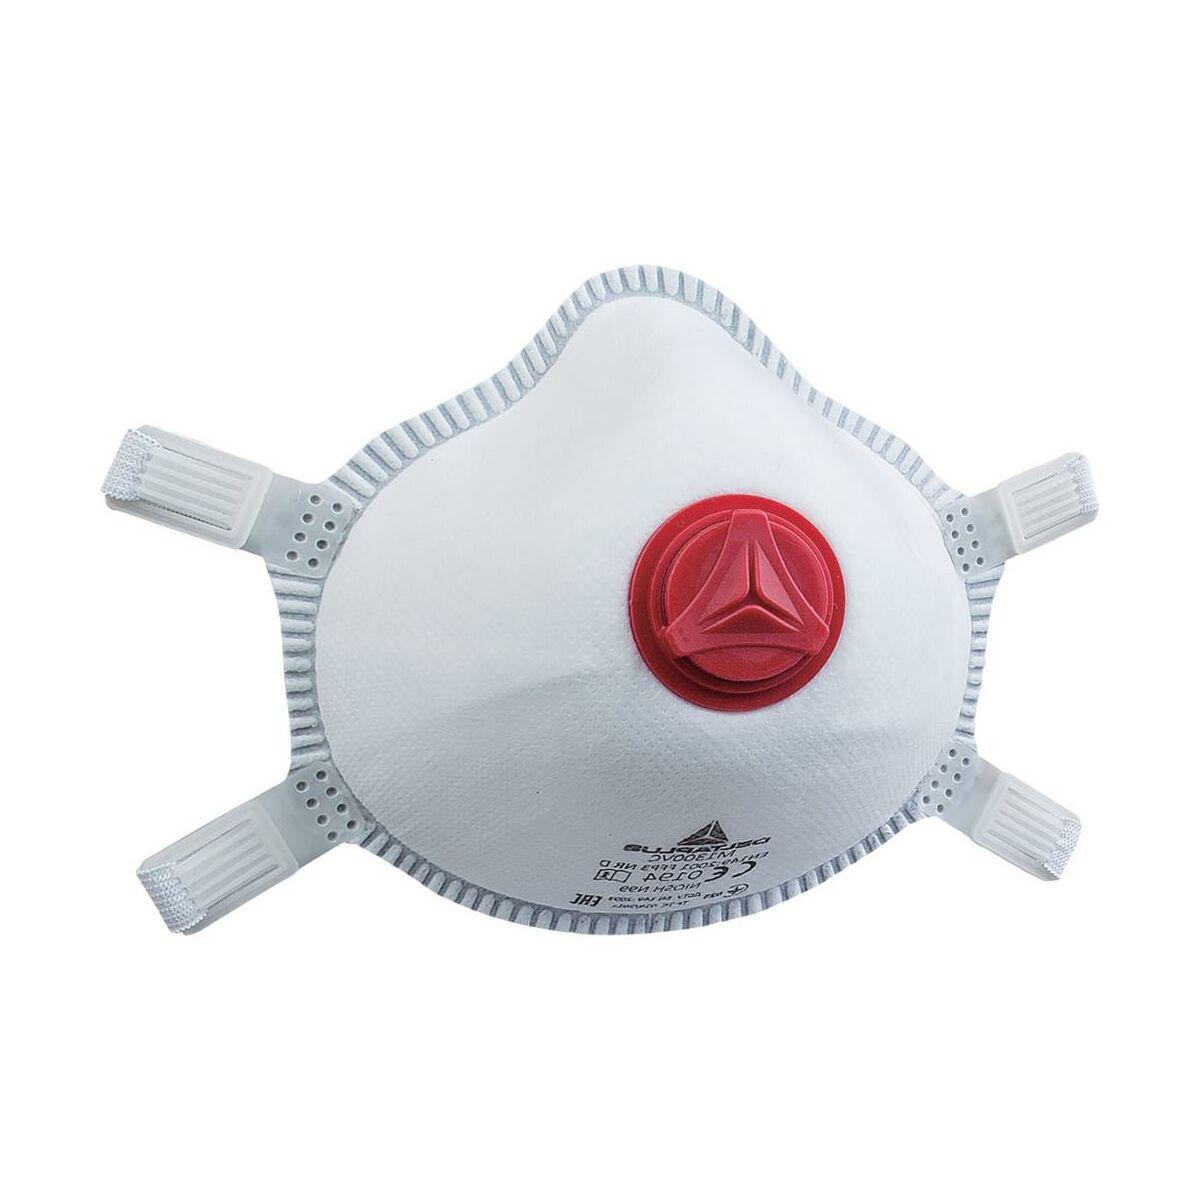 Polmaska Jednorazowa Z Filtrem Ffp3 Z Zaworem 1 Szt Delta Plus Maski I Filtry Ochrona Drog Oddechowych W Atrakcyjnej Cenie W Sklepach Leroy Merlin